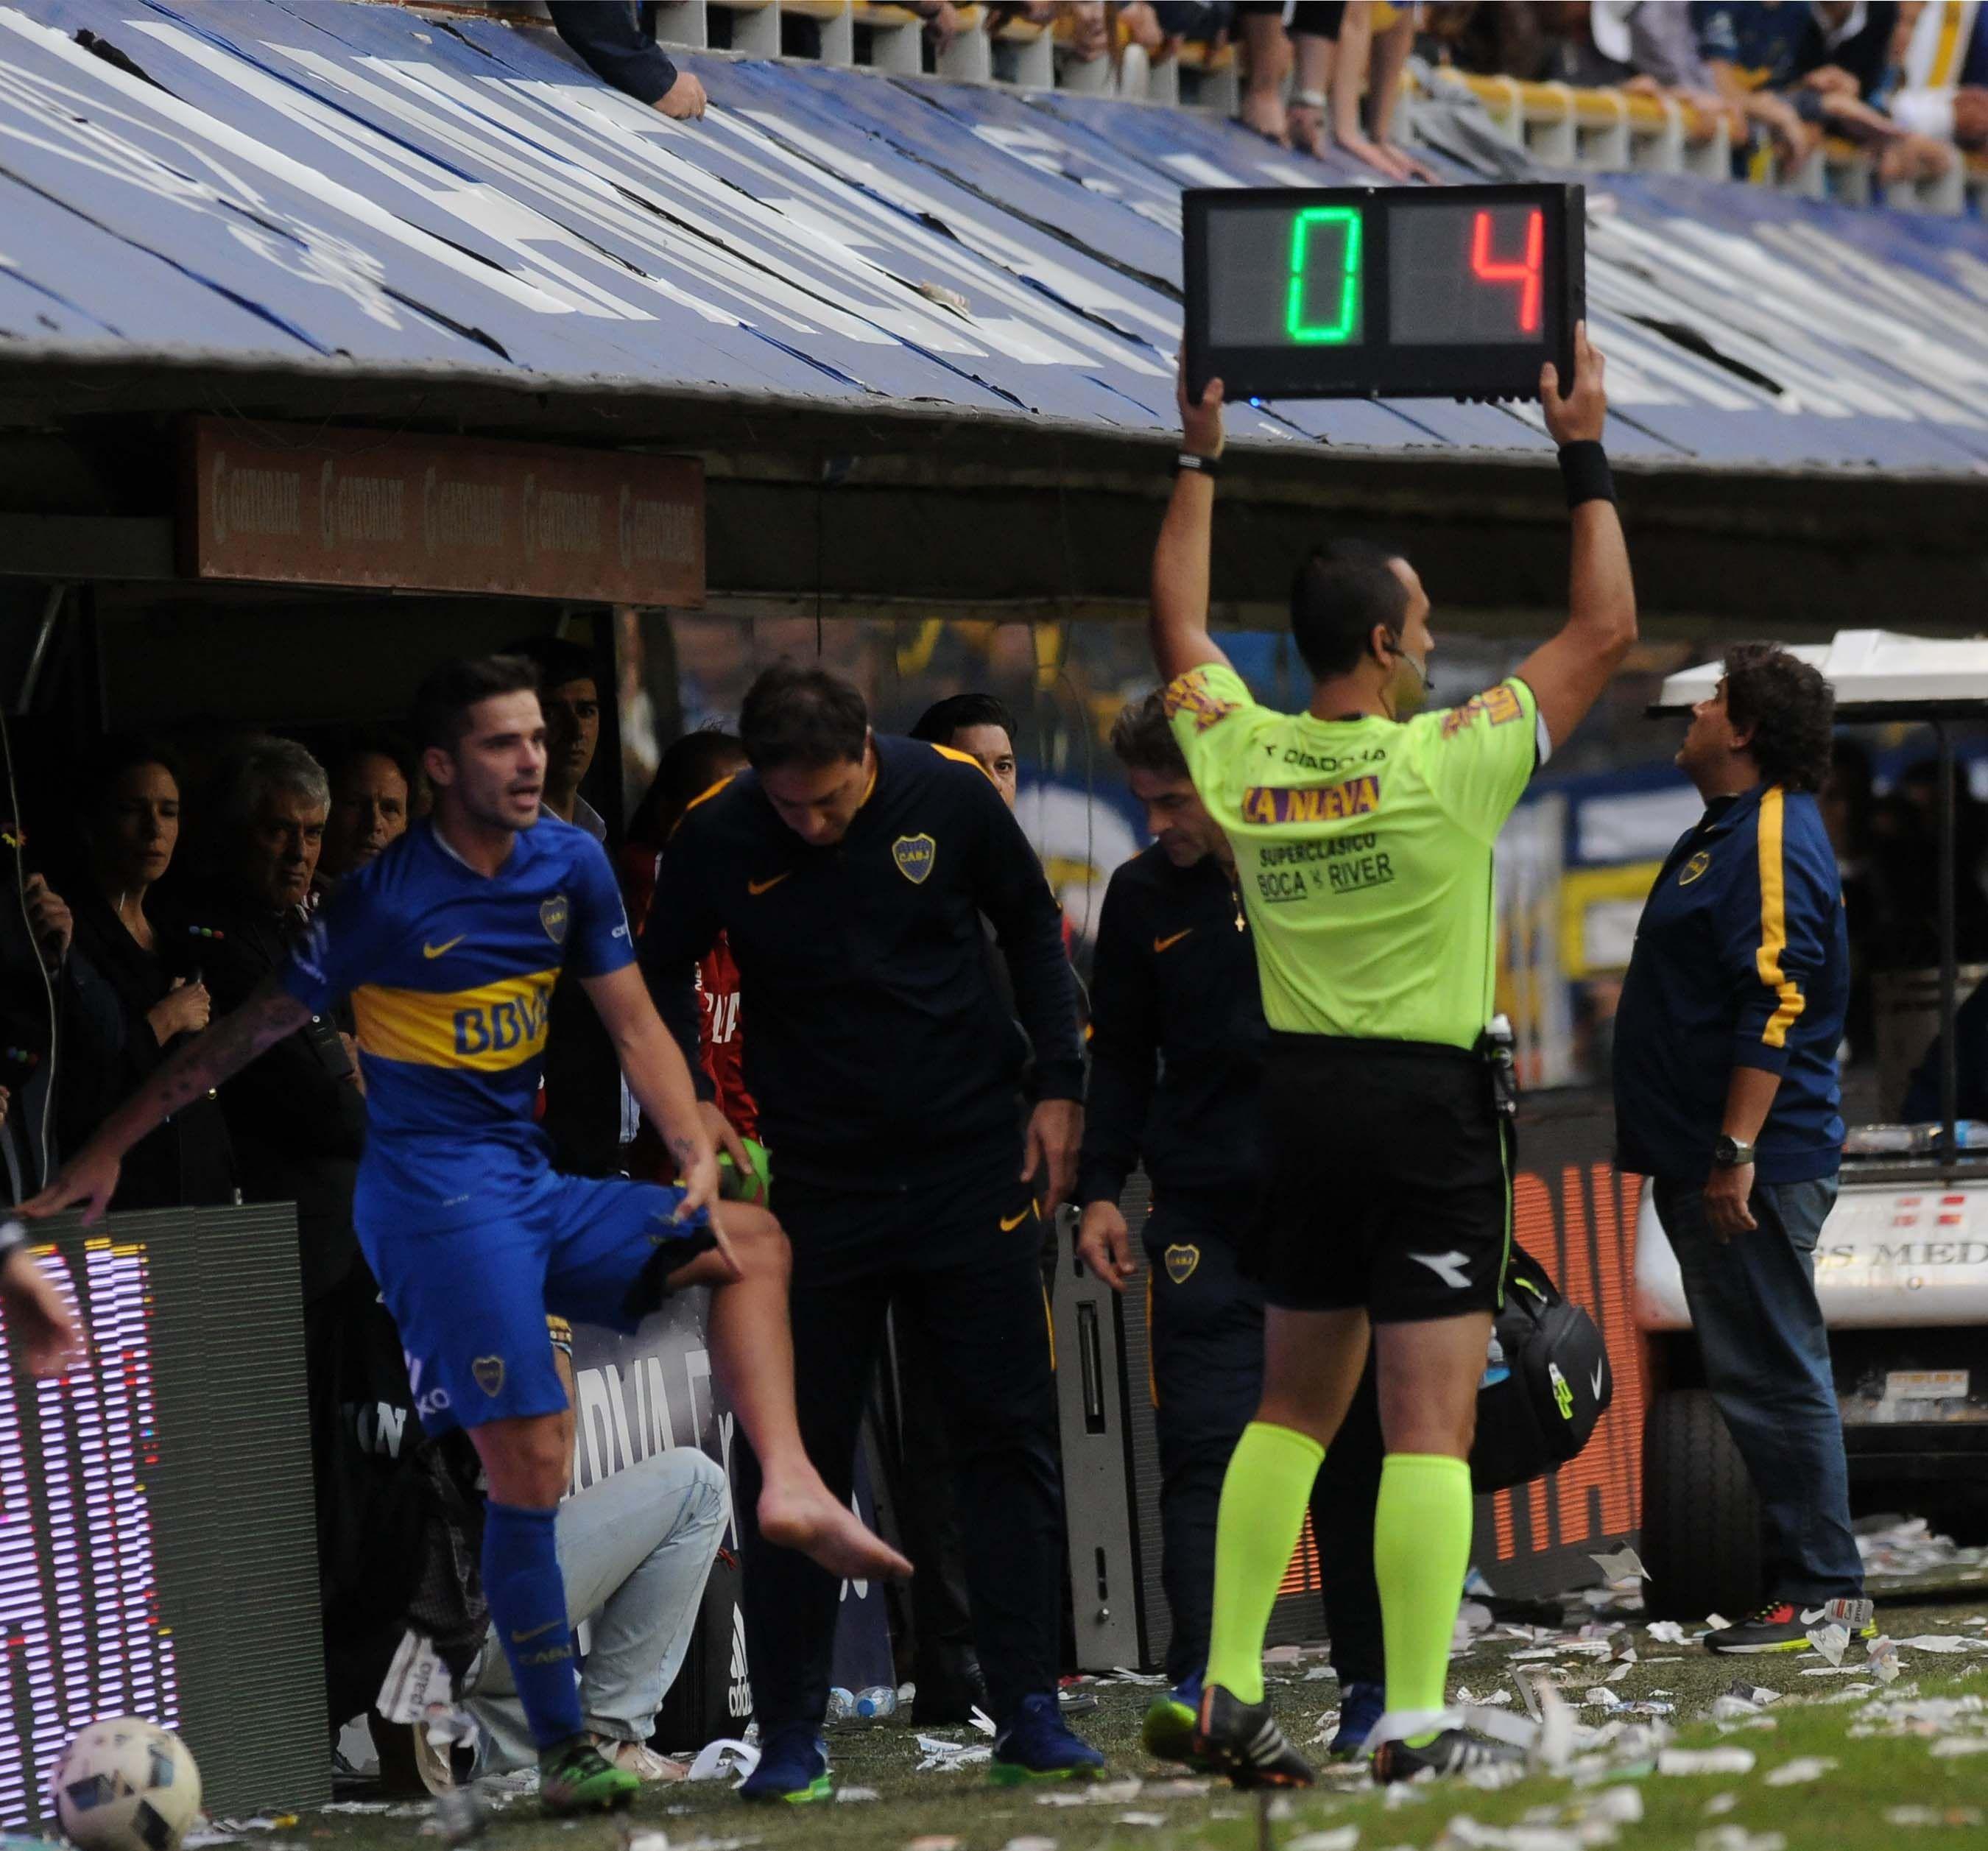 Tras la lesión de Gago, en Boca ya piensan su posible reemplazante